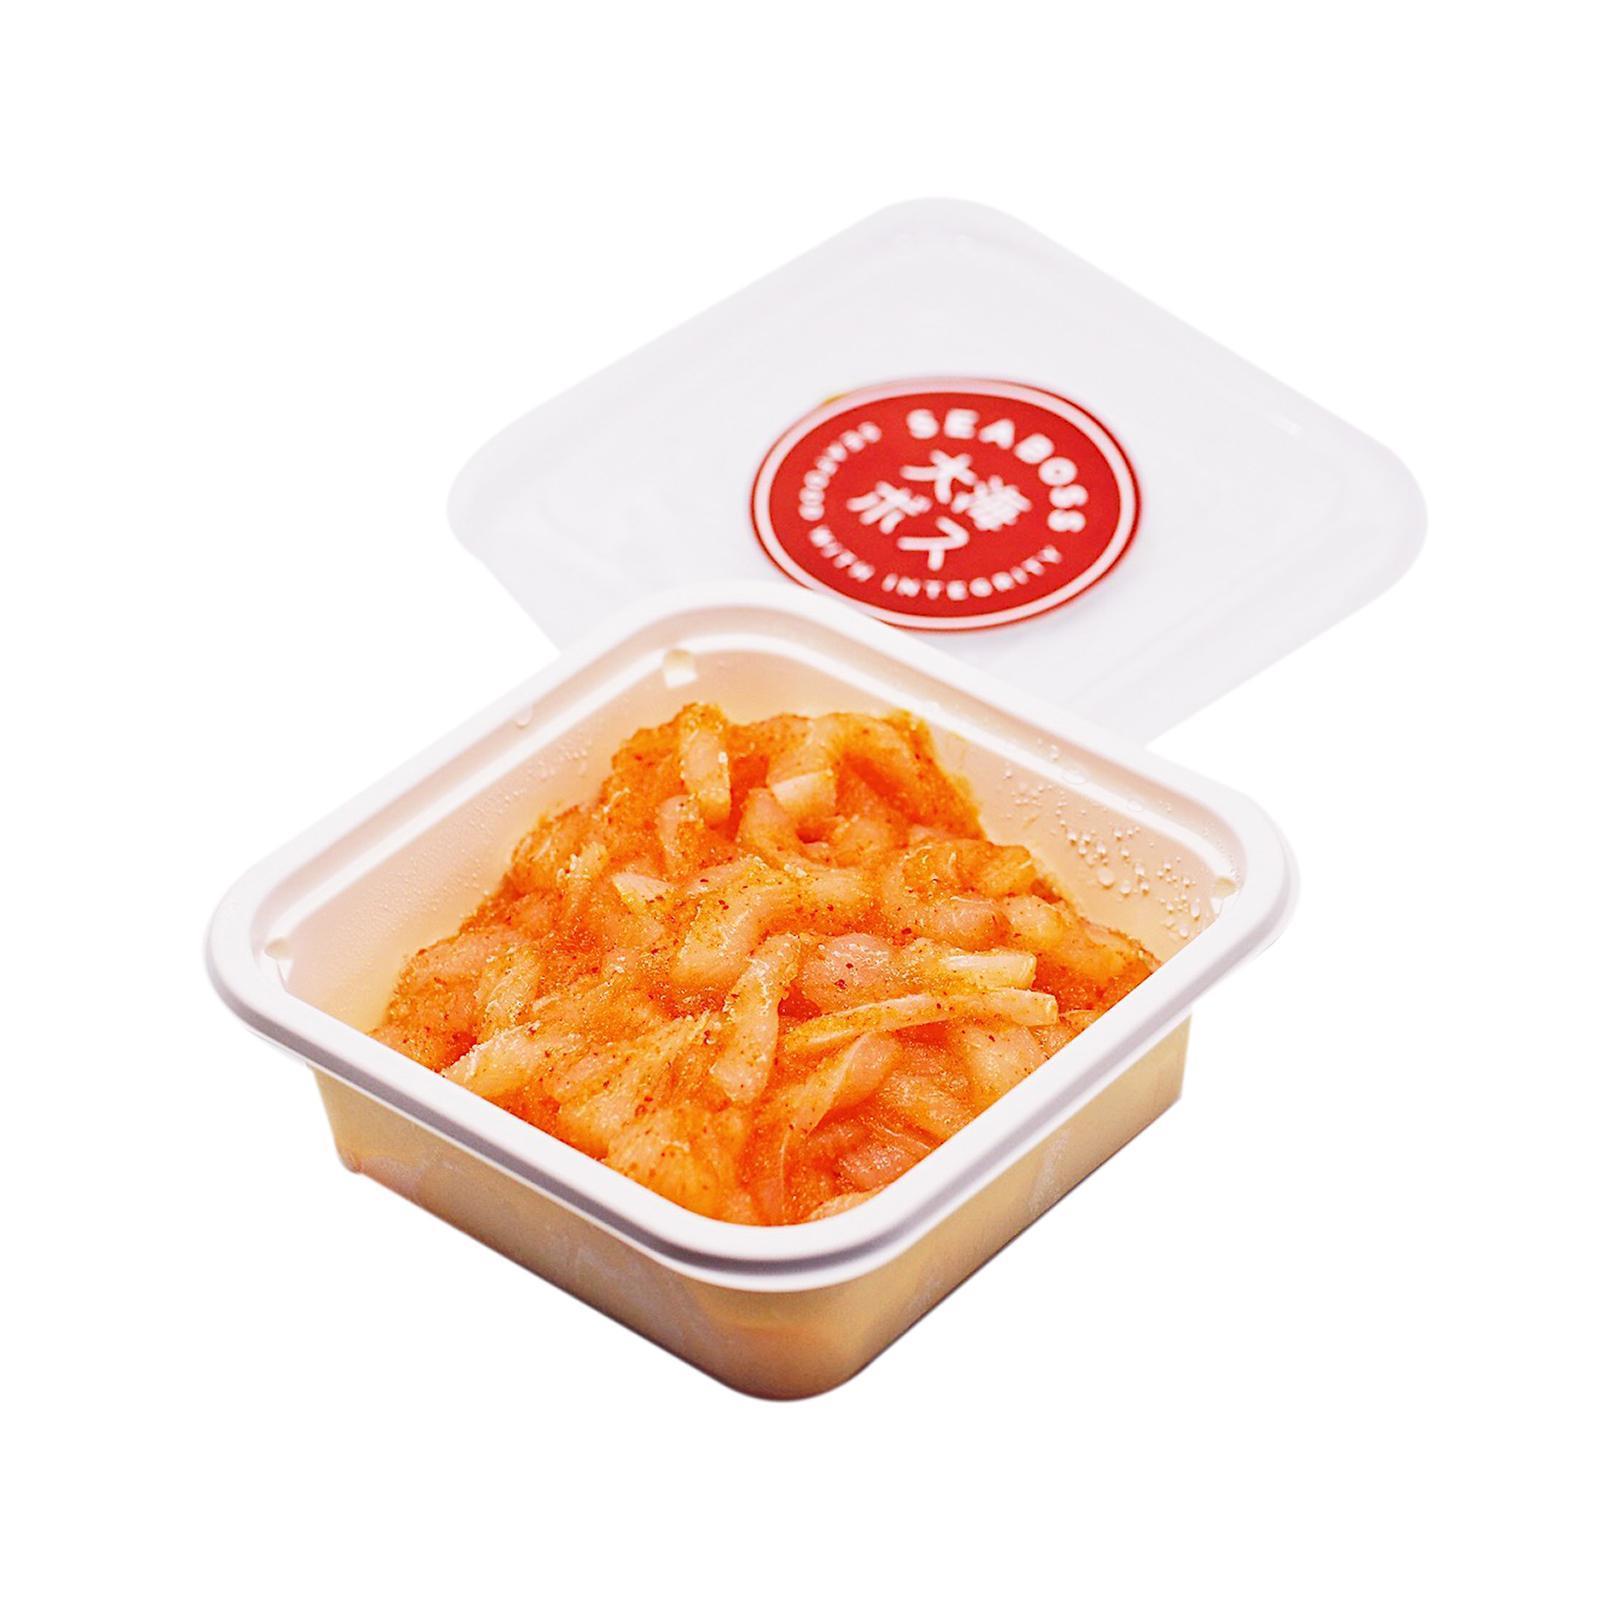 SEABOSS Mentaiko Ika (Seasoned Squid with Mentaiko) - Frozen